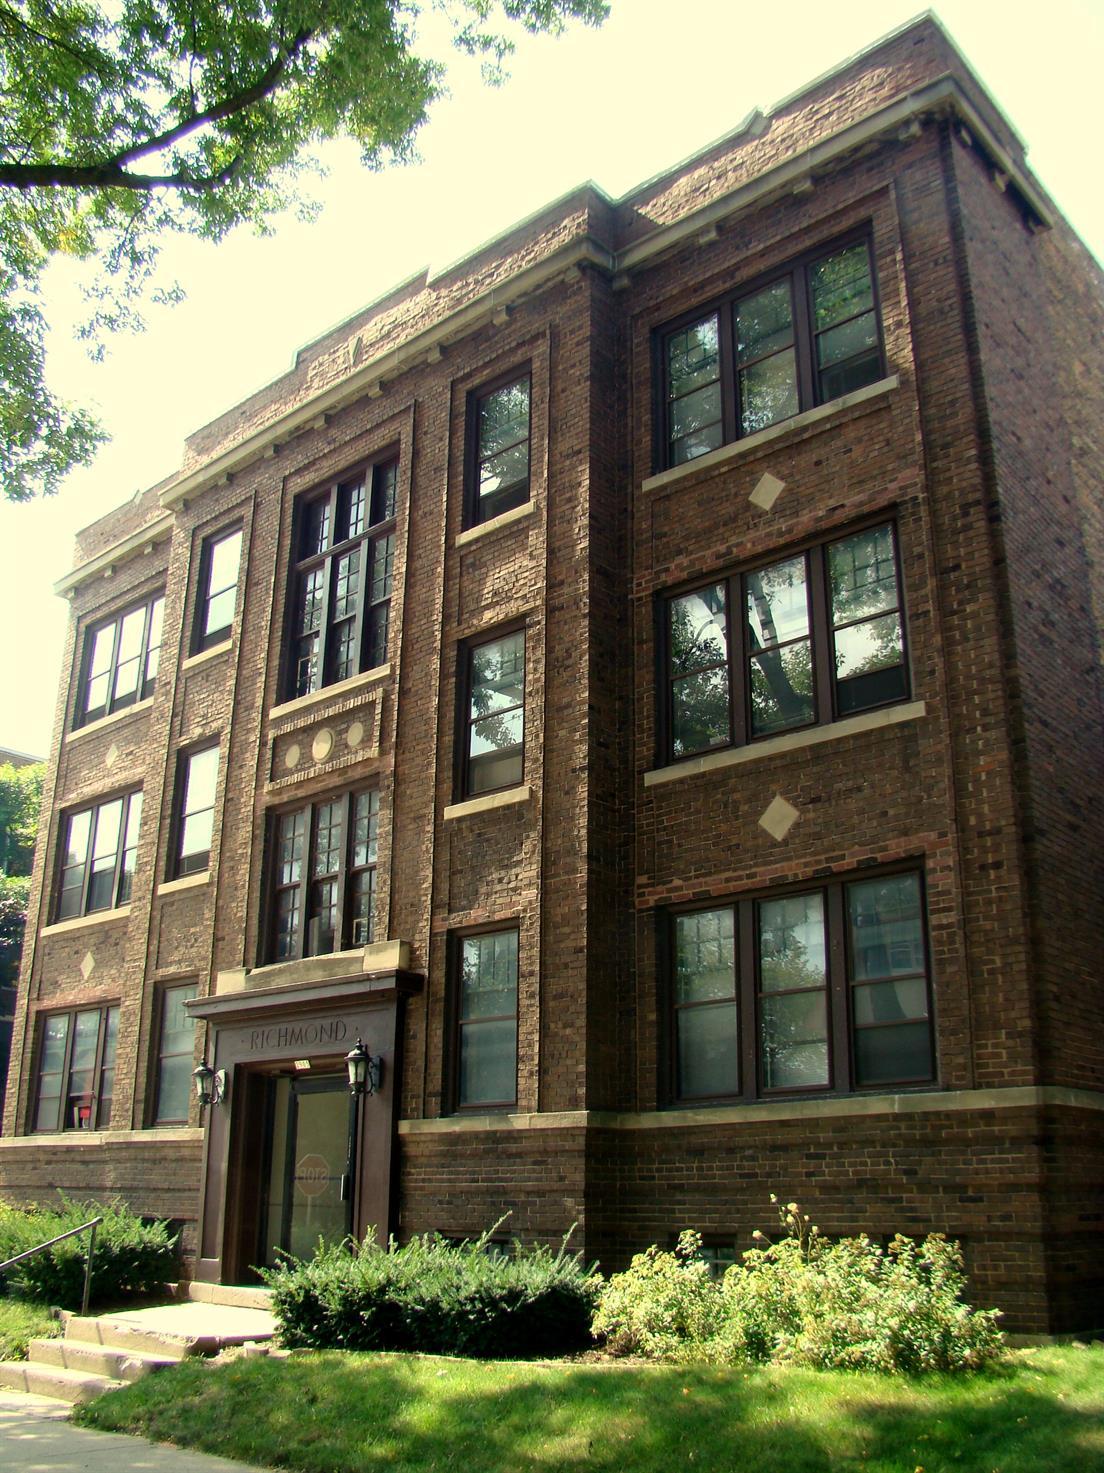 2905 N. Bartlett Ave.